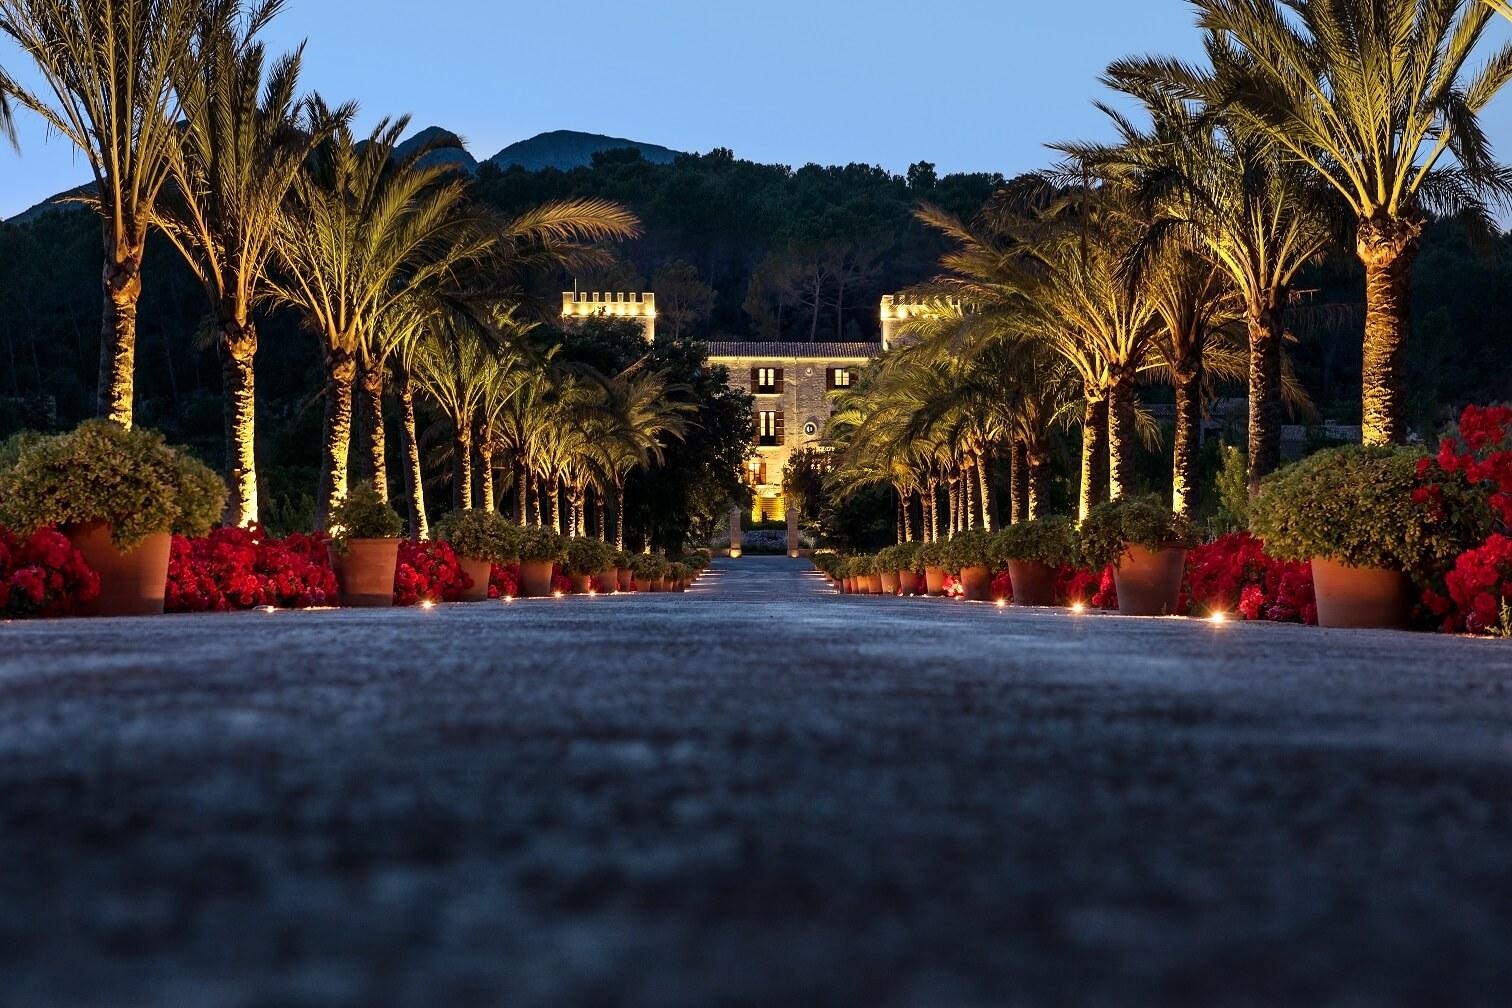 Castell Son Claret, el hotel de lujo en Mallorca (7)